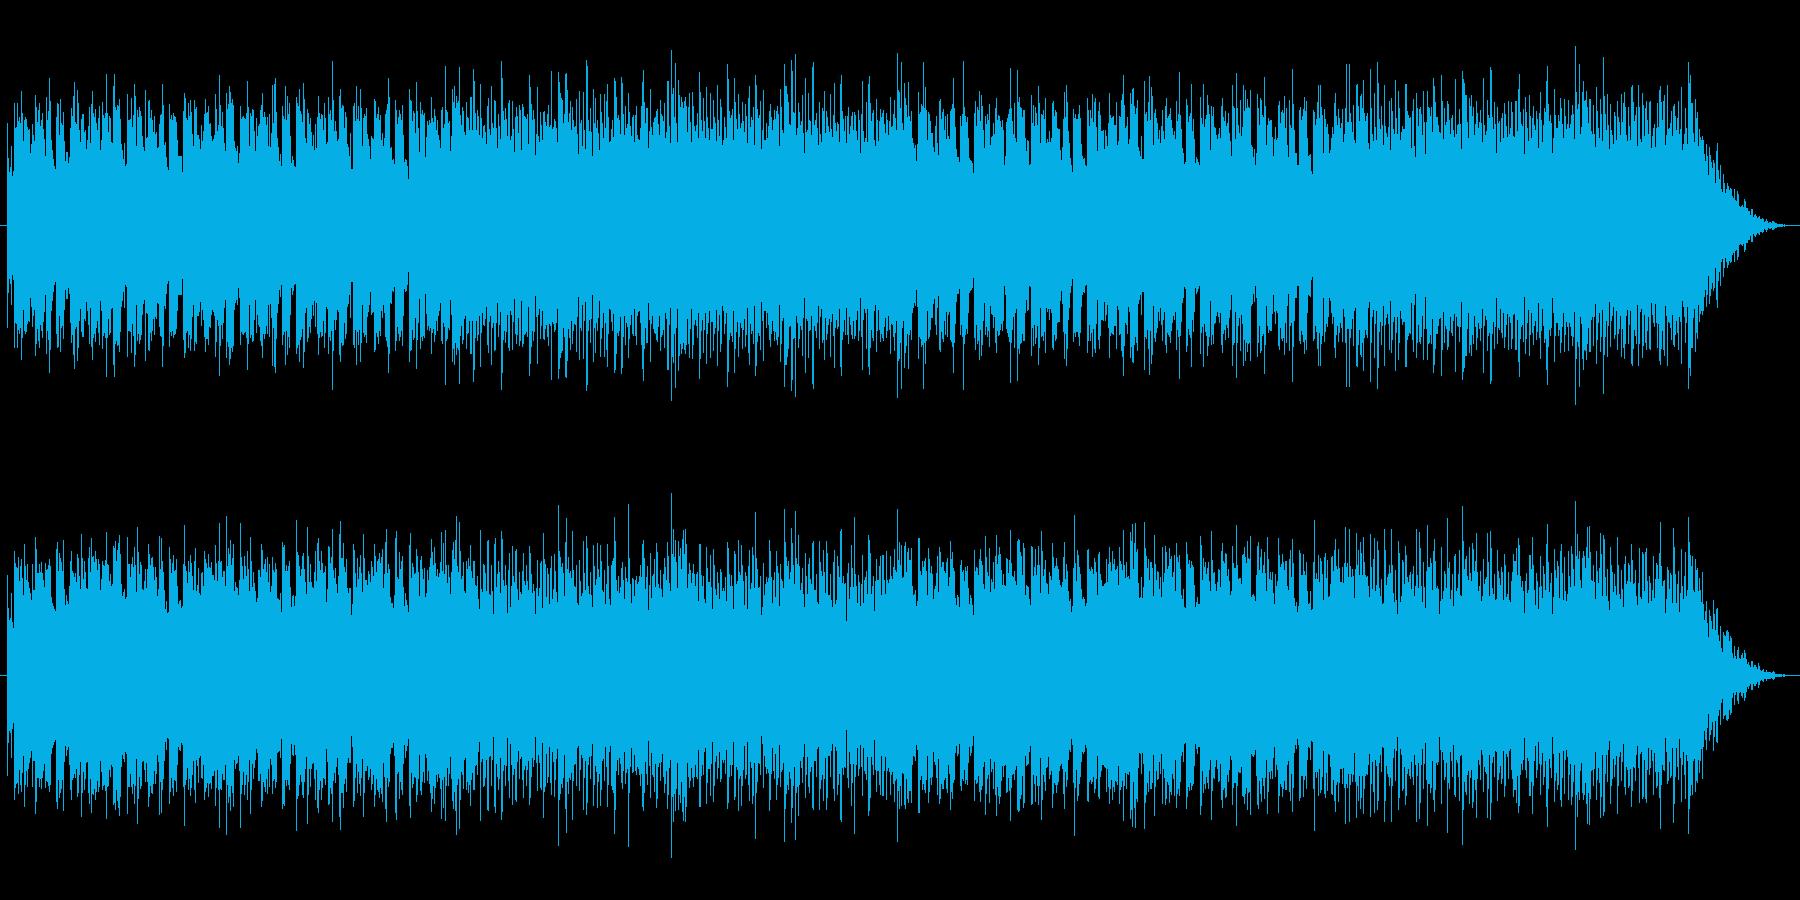 幻想的で近未来的なEDMの再生済みの波形